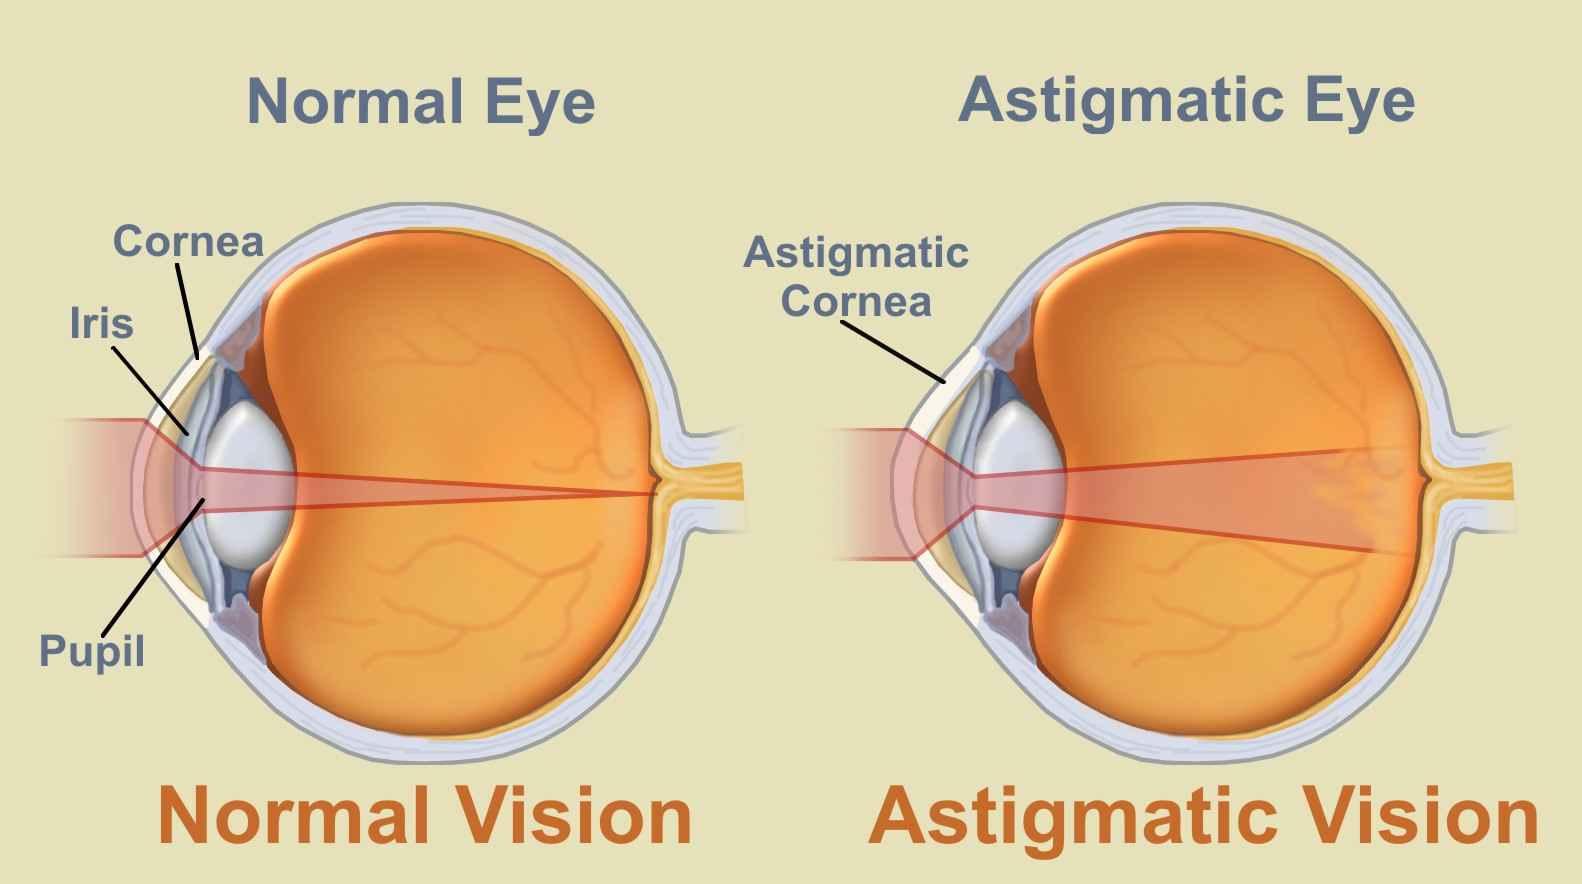 látás rövidlátó asztigmatizmus hogyan lehet gyorsan csökkenteni a látást